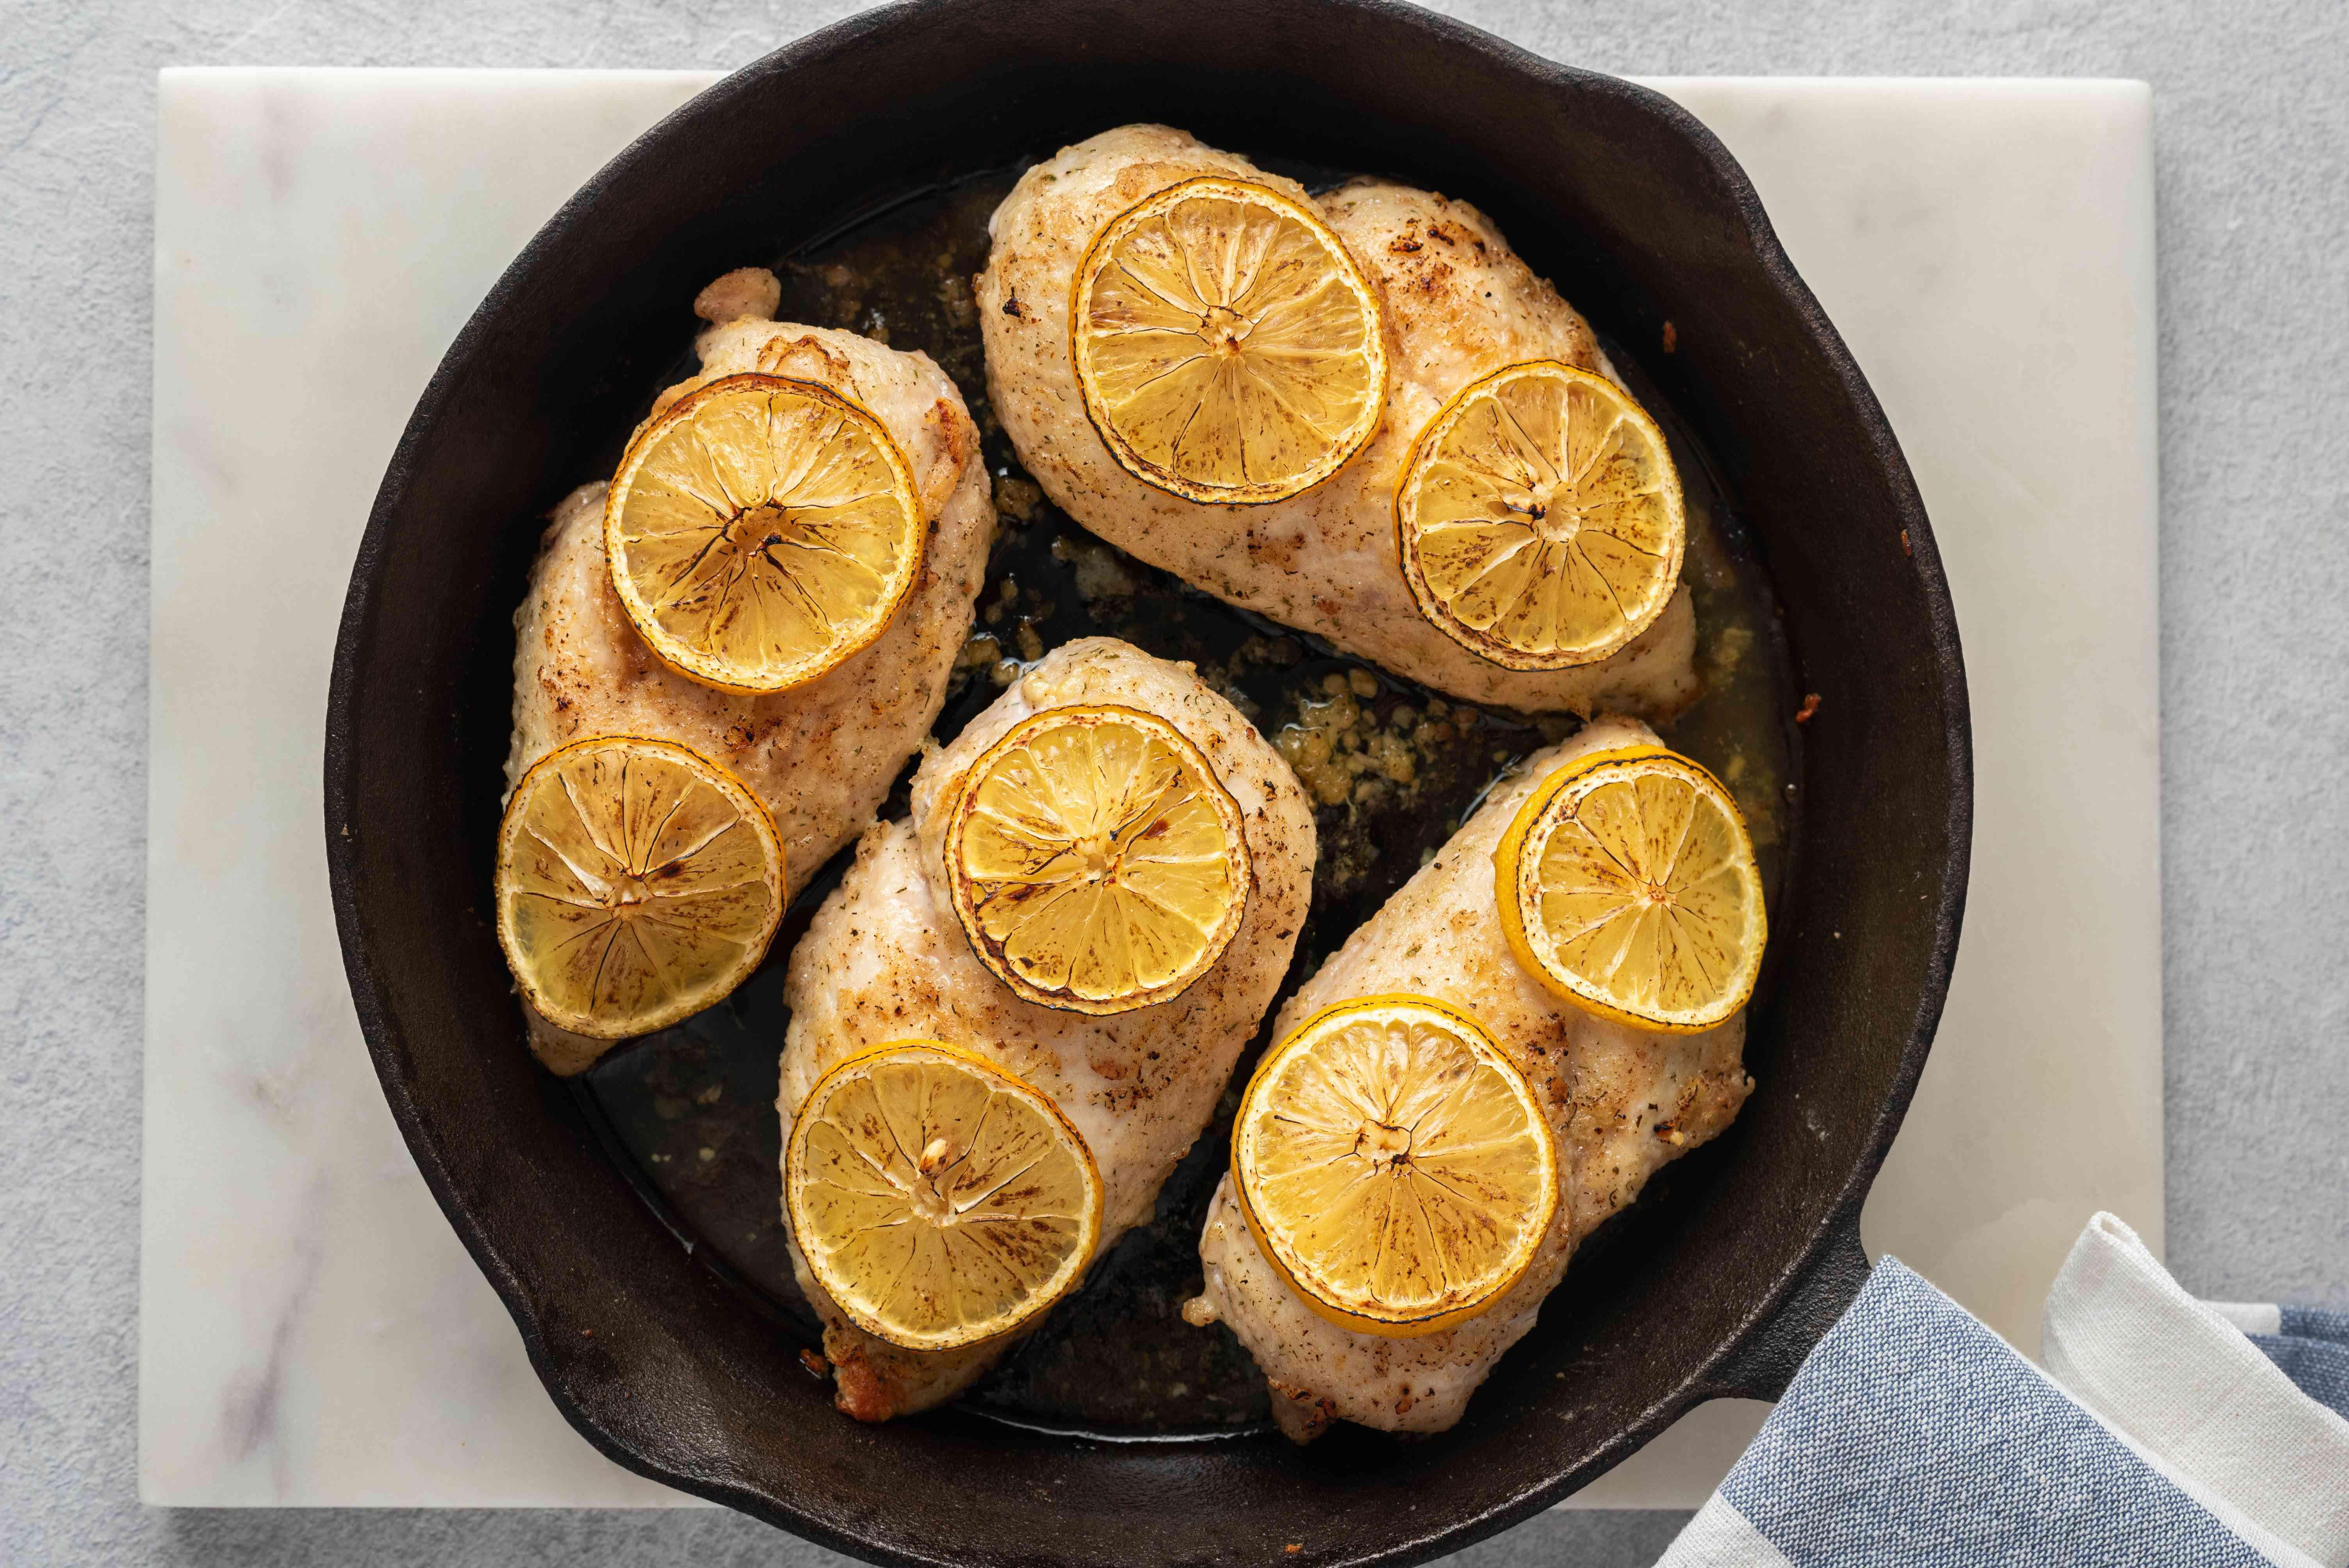 Lemon Pepper Chicken in a pan